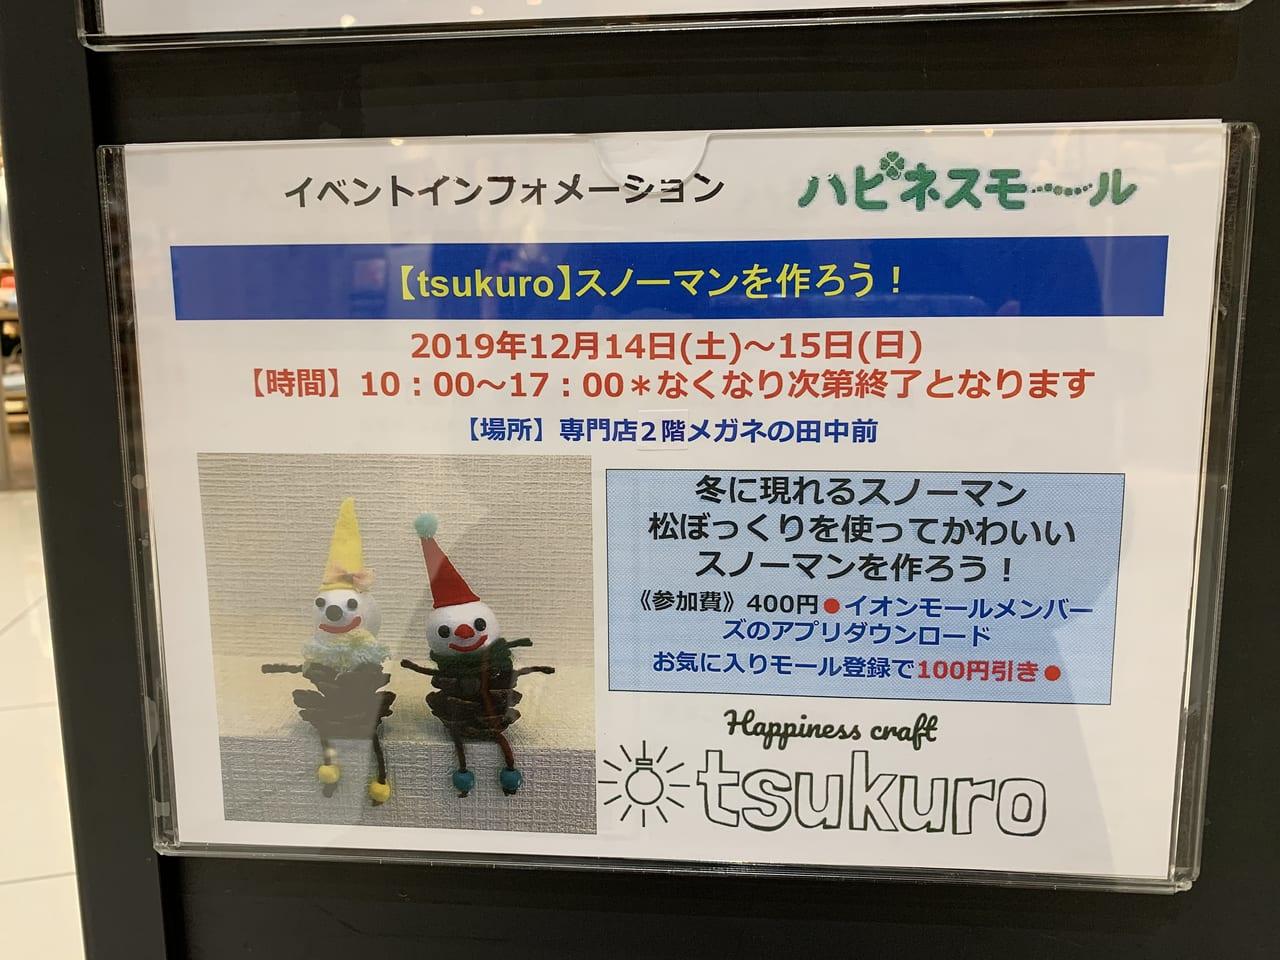 広島 祇園 モール イオン